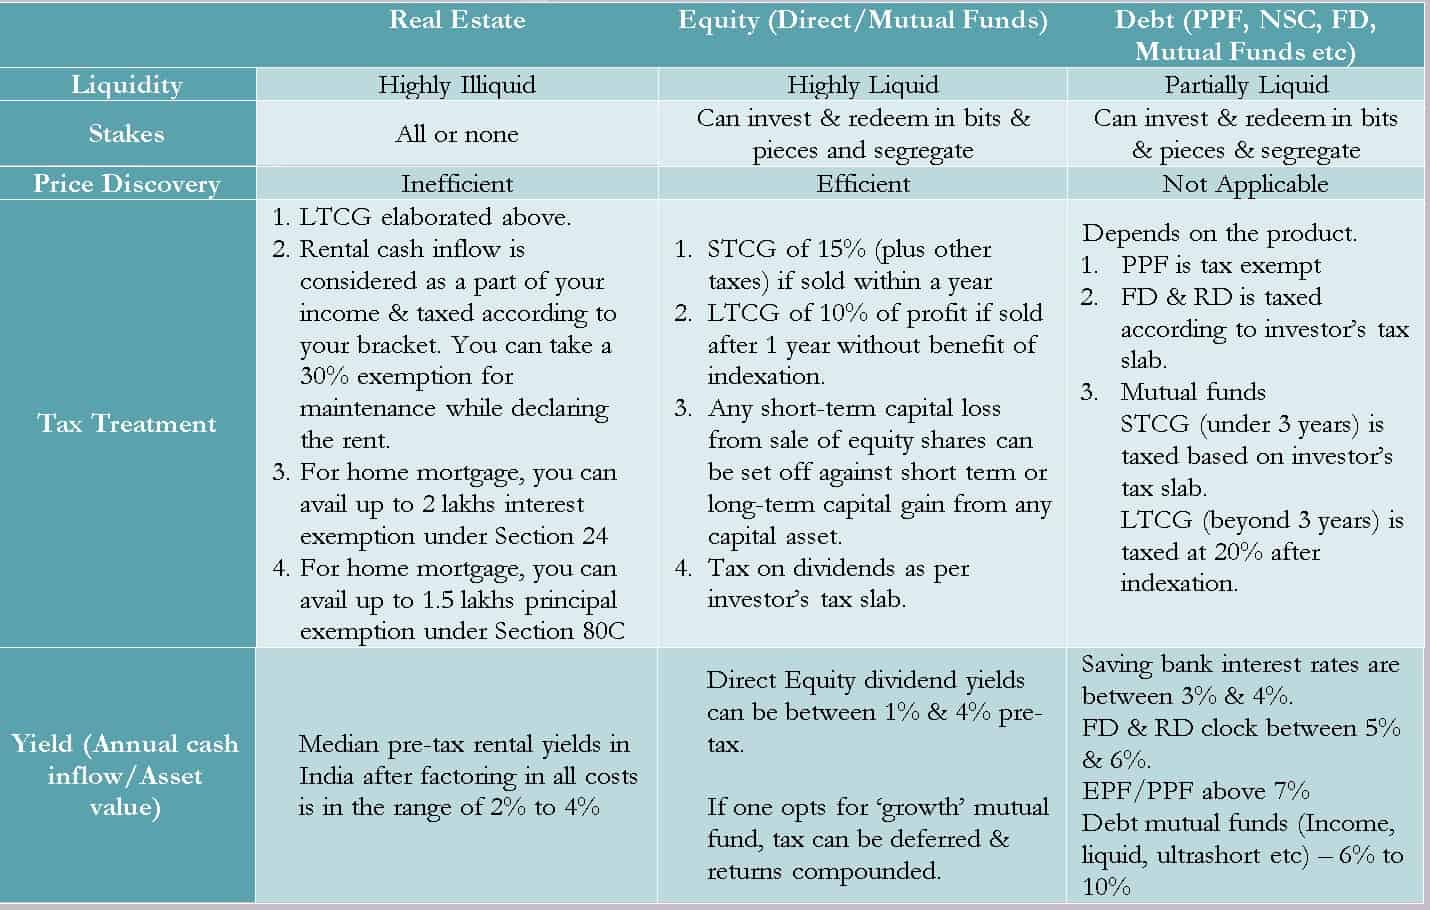 Comparison of parameters across asset classes